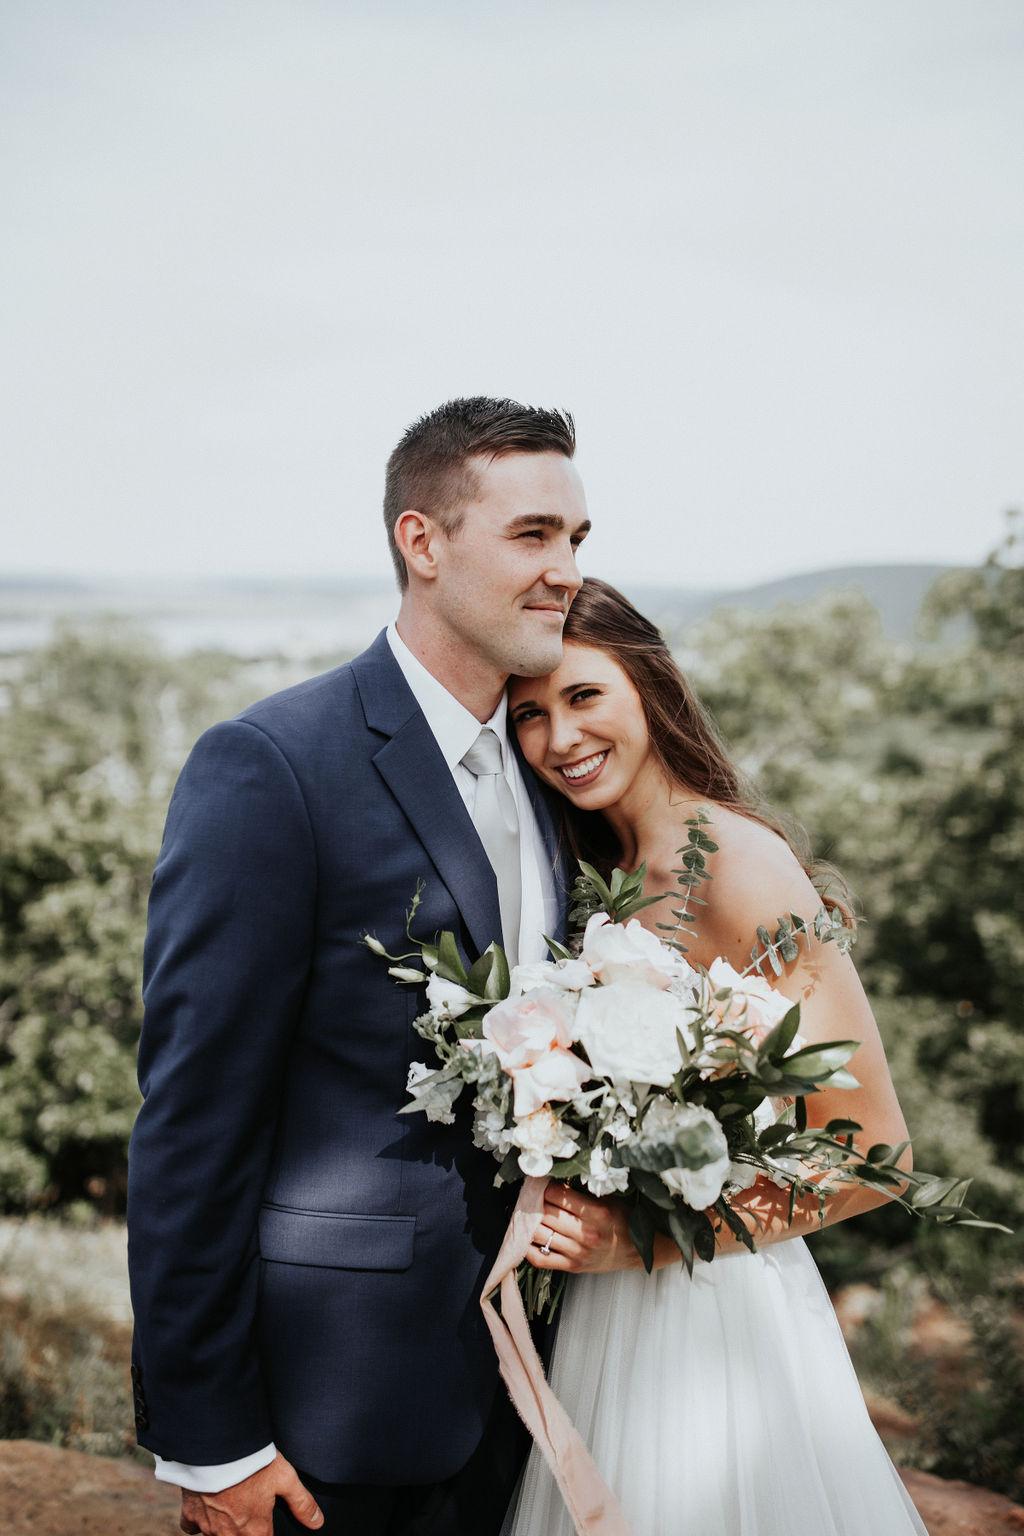 Tulsa Outdoor Wedding Venues 25.jpg